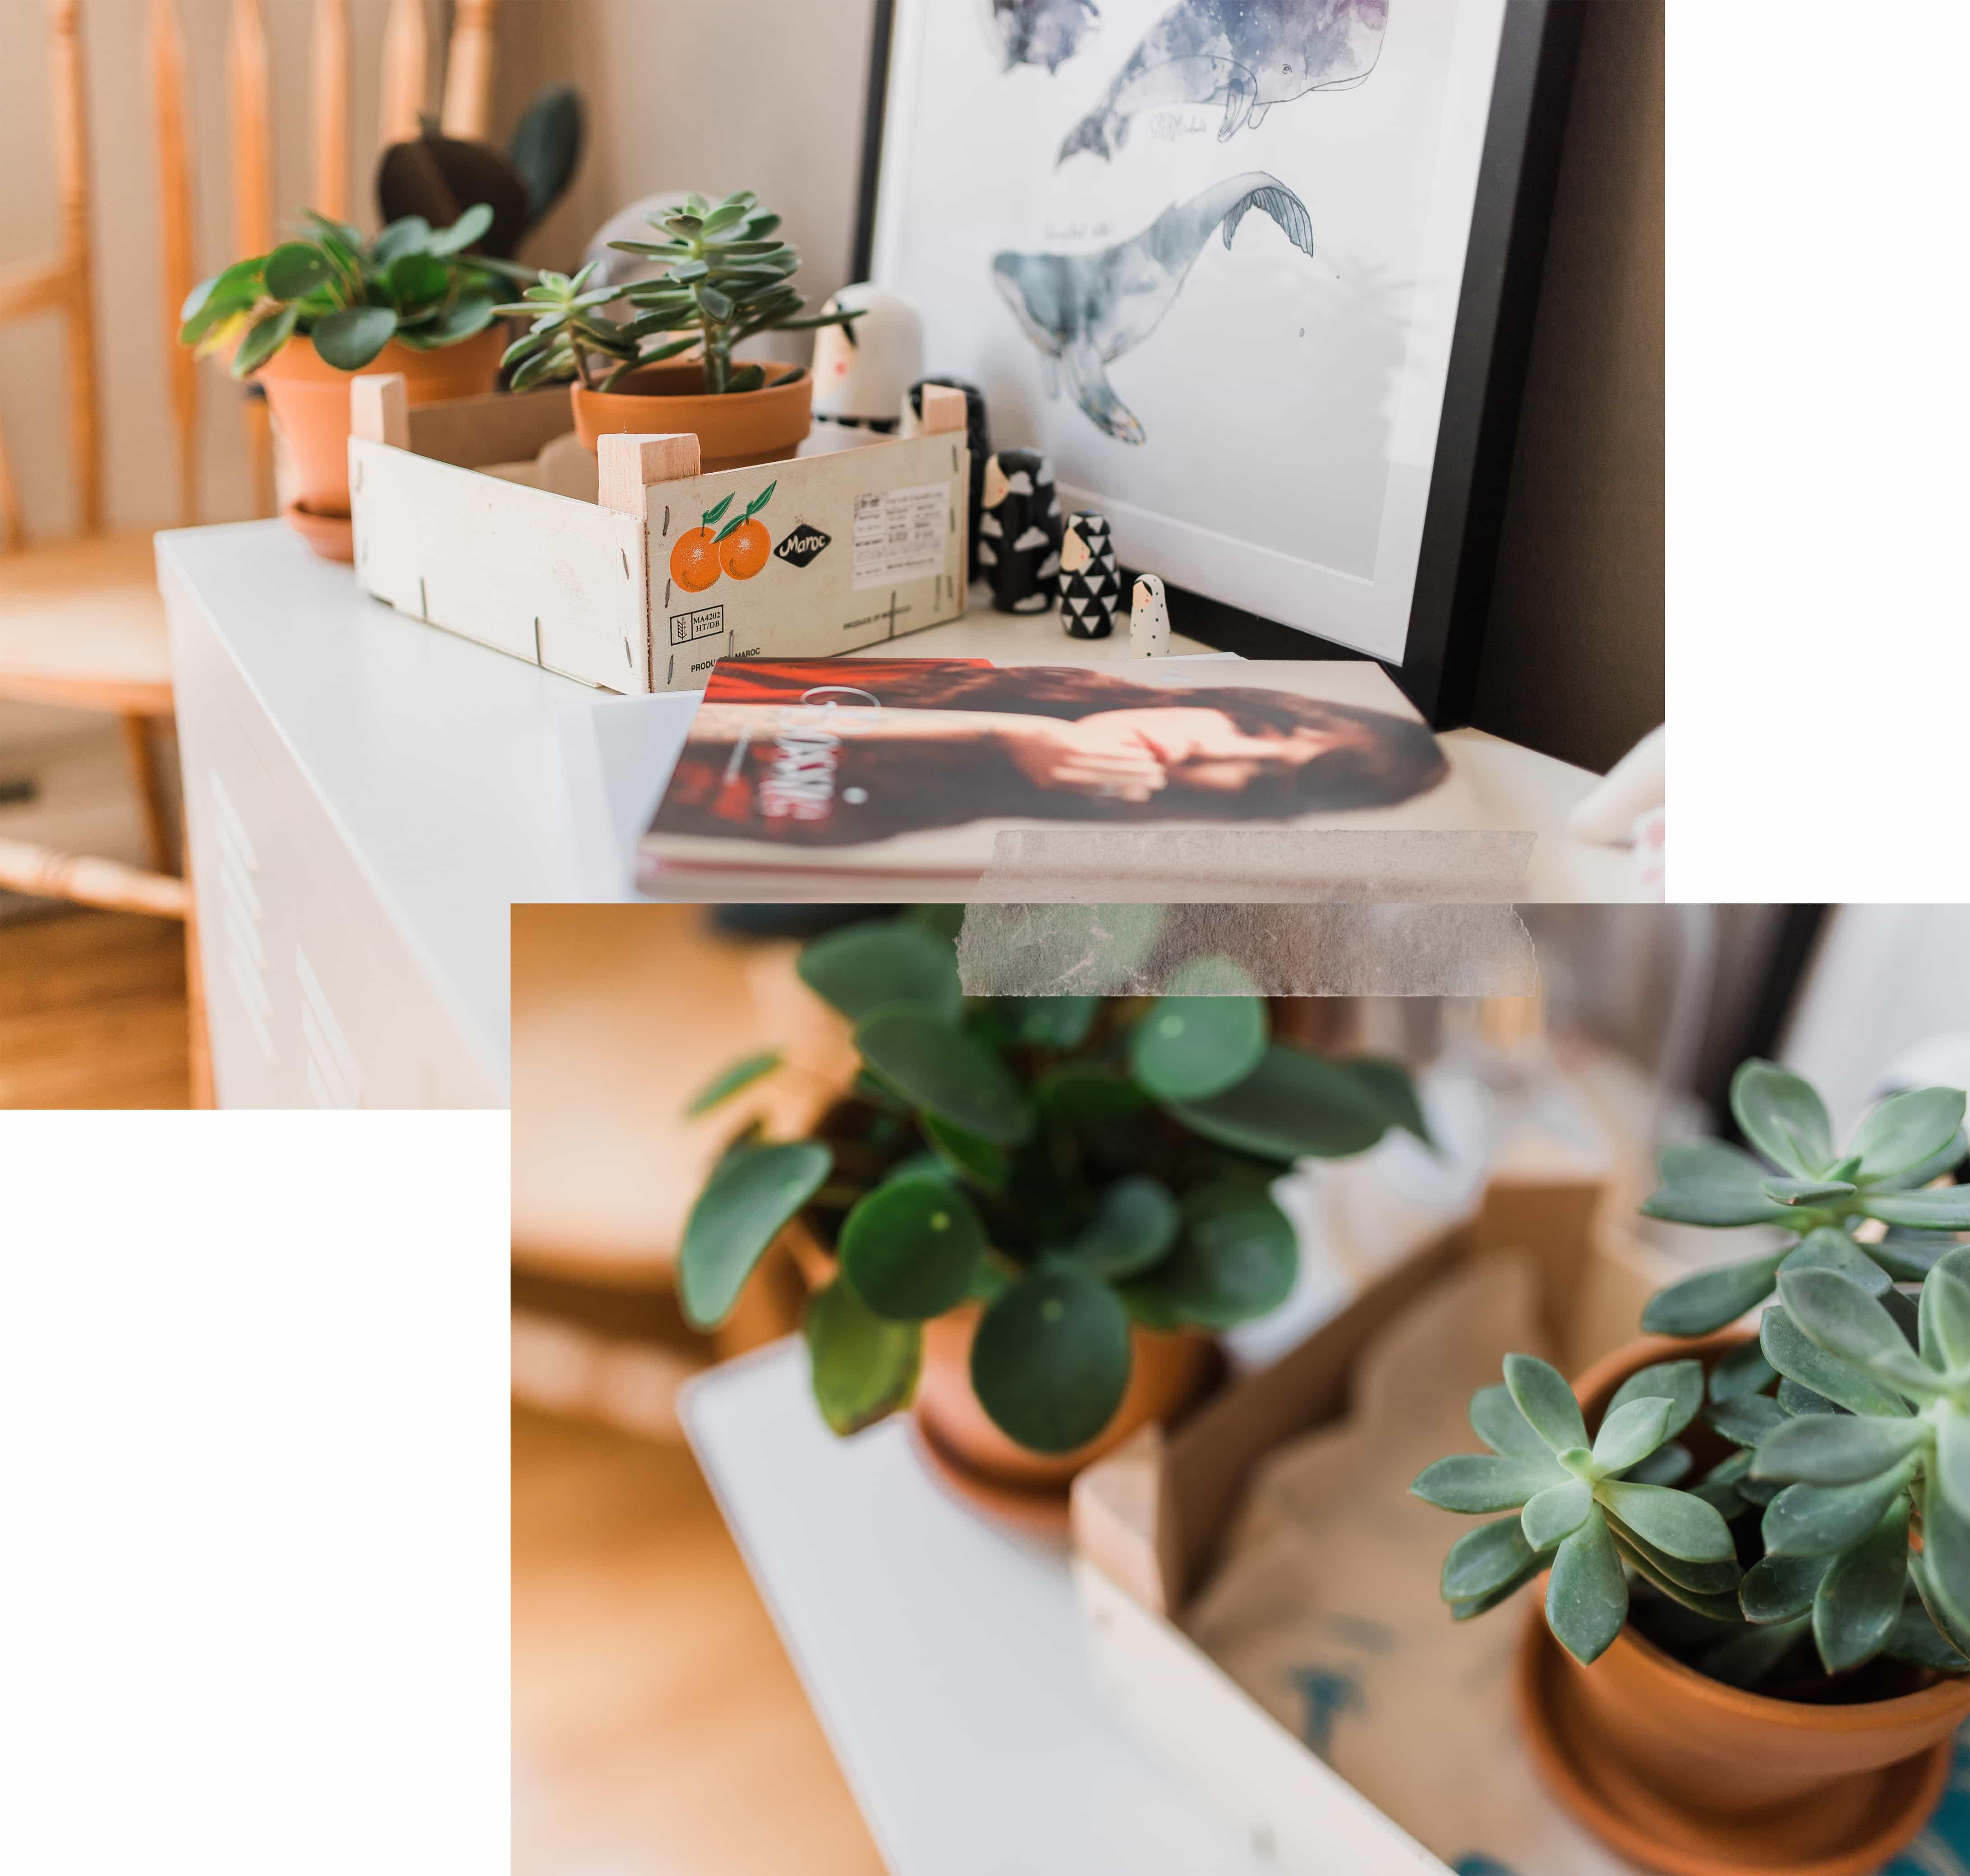 Deco Chambre Ami Bureau comment décorer et aménager une chambre d'amis dans un